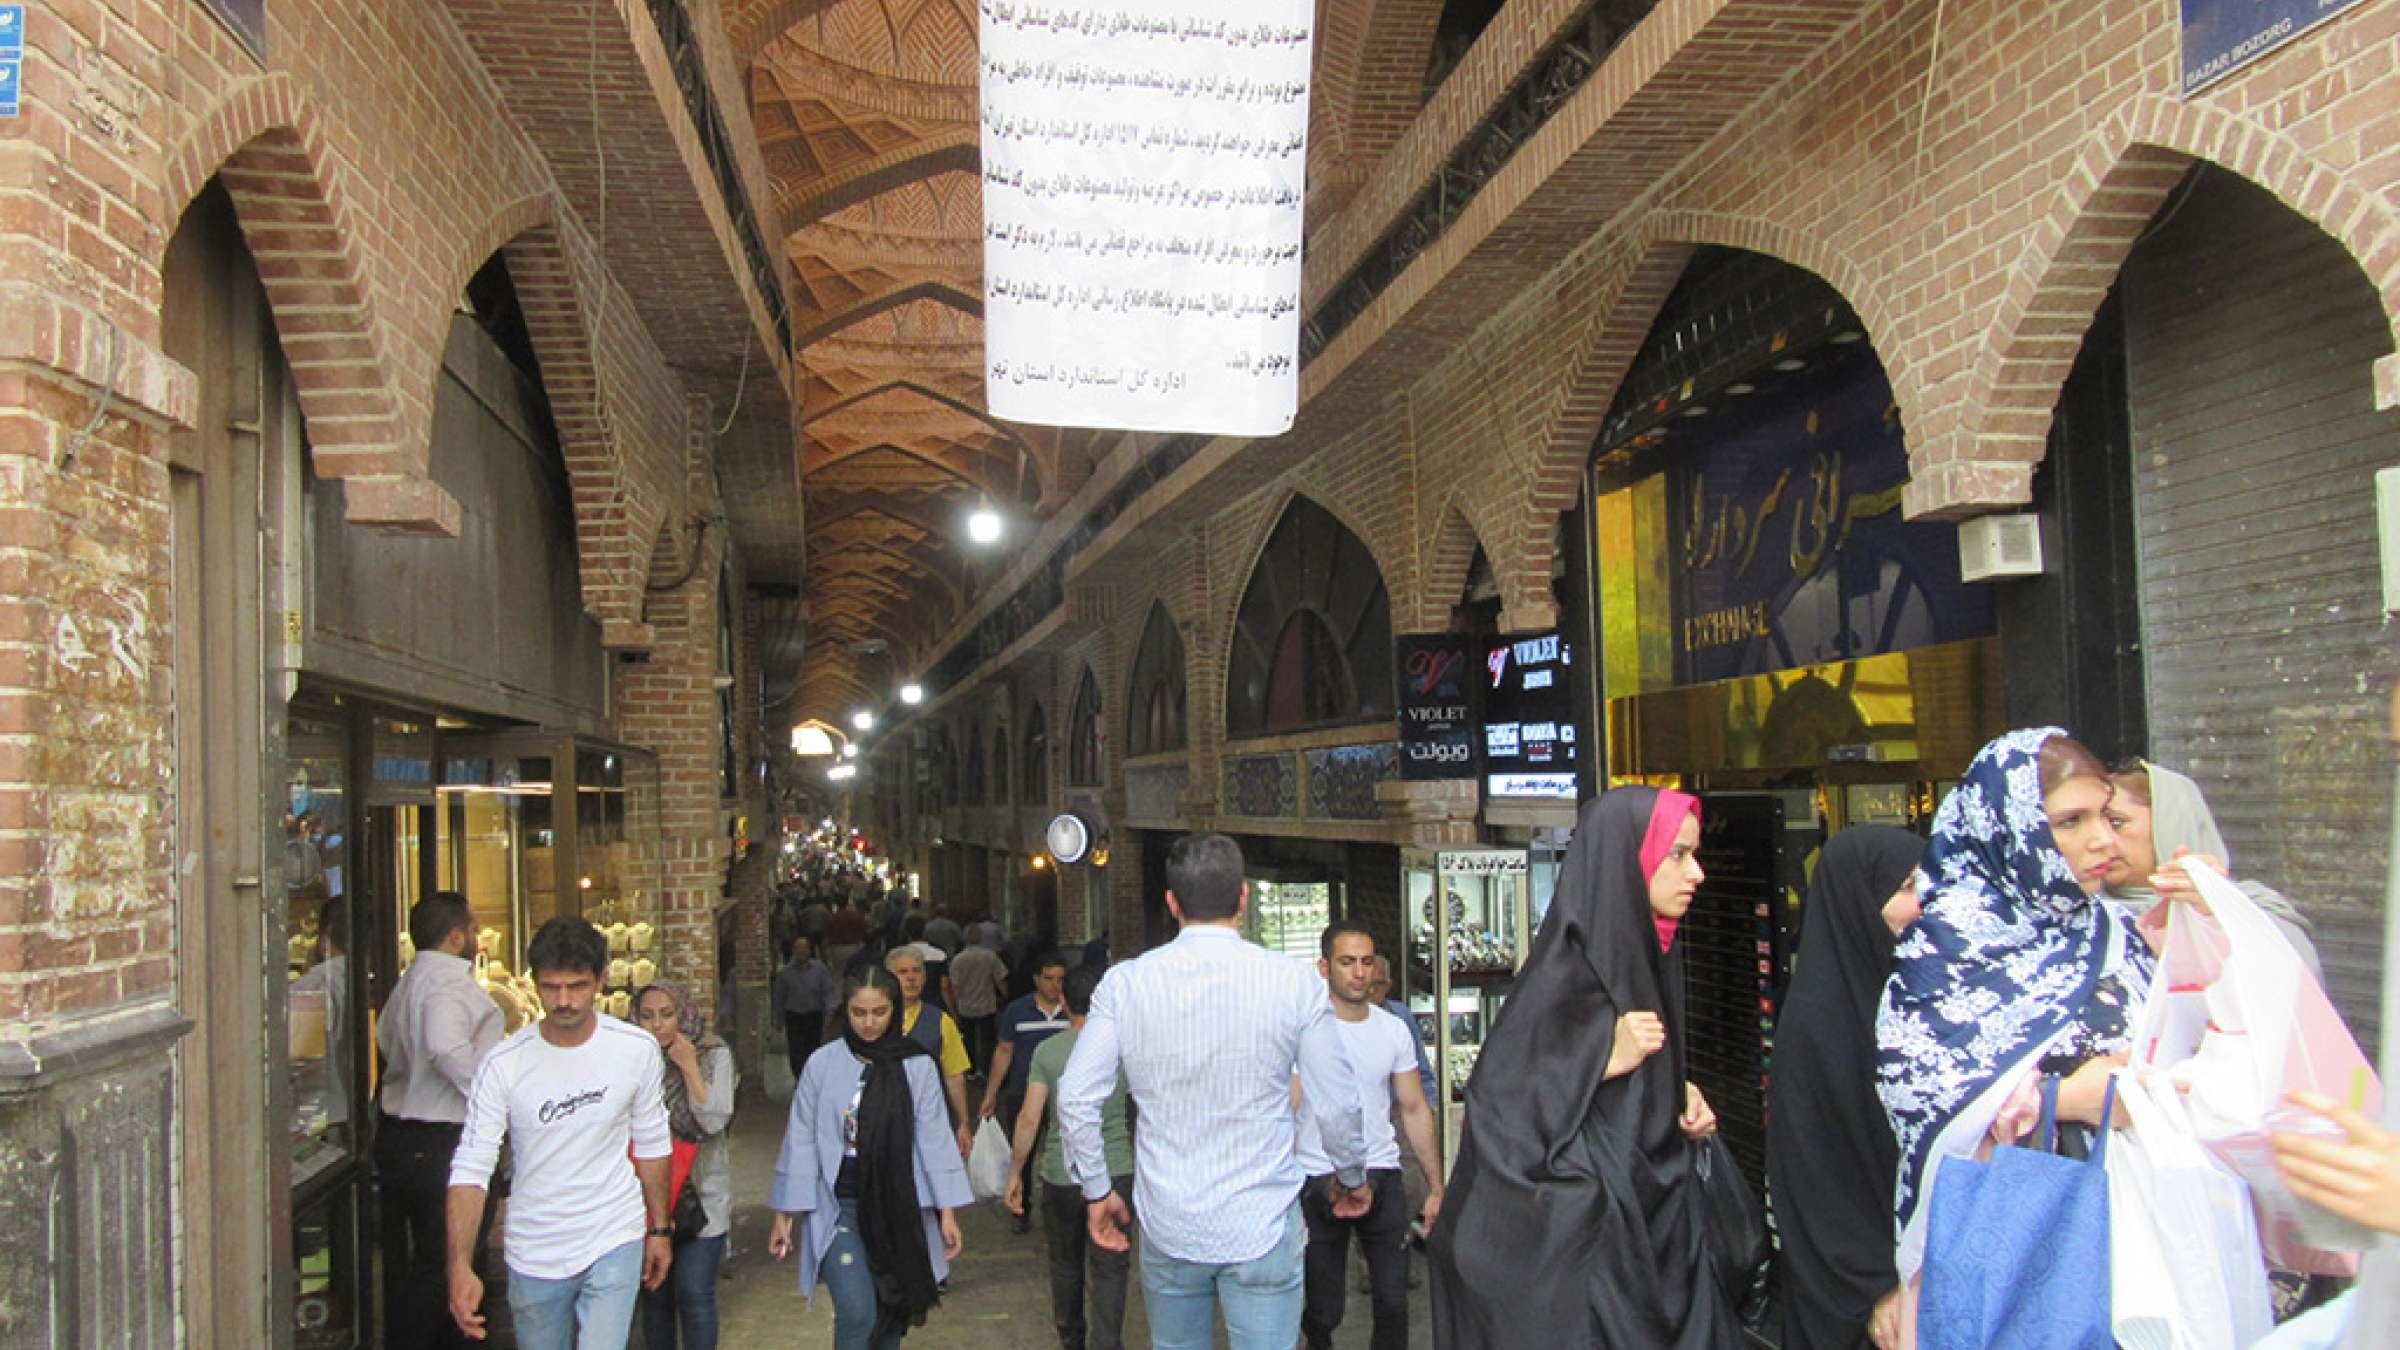 ادبیات-گلمحمدی-با-من-به-بازار-تهران-بیایید-ورودی-بازار-بزرگ